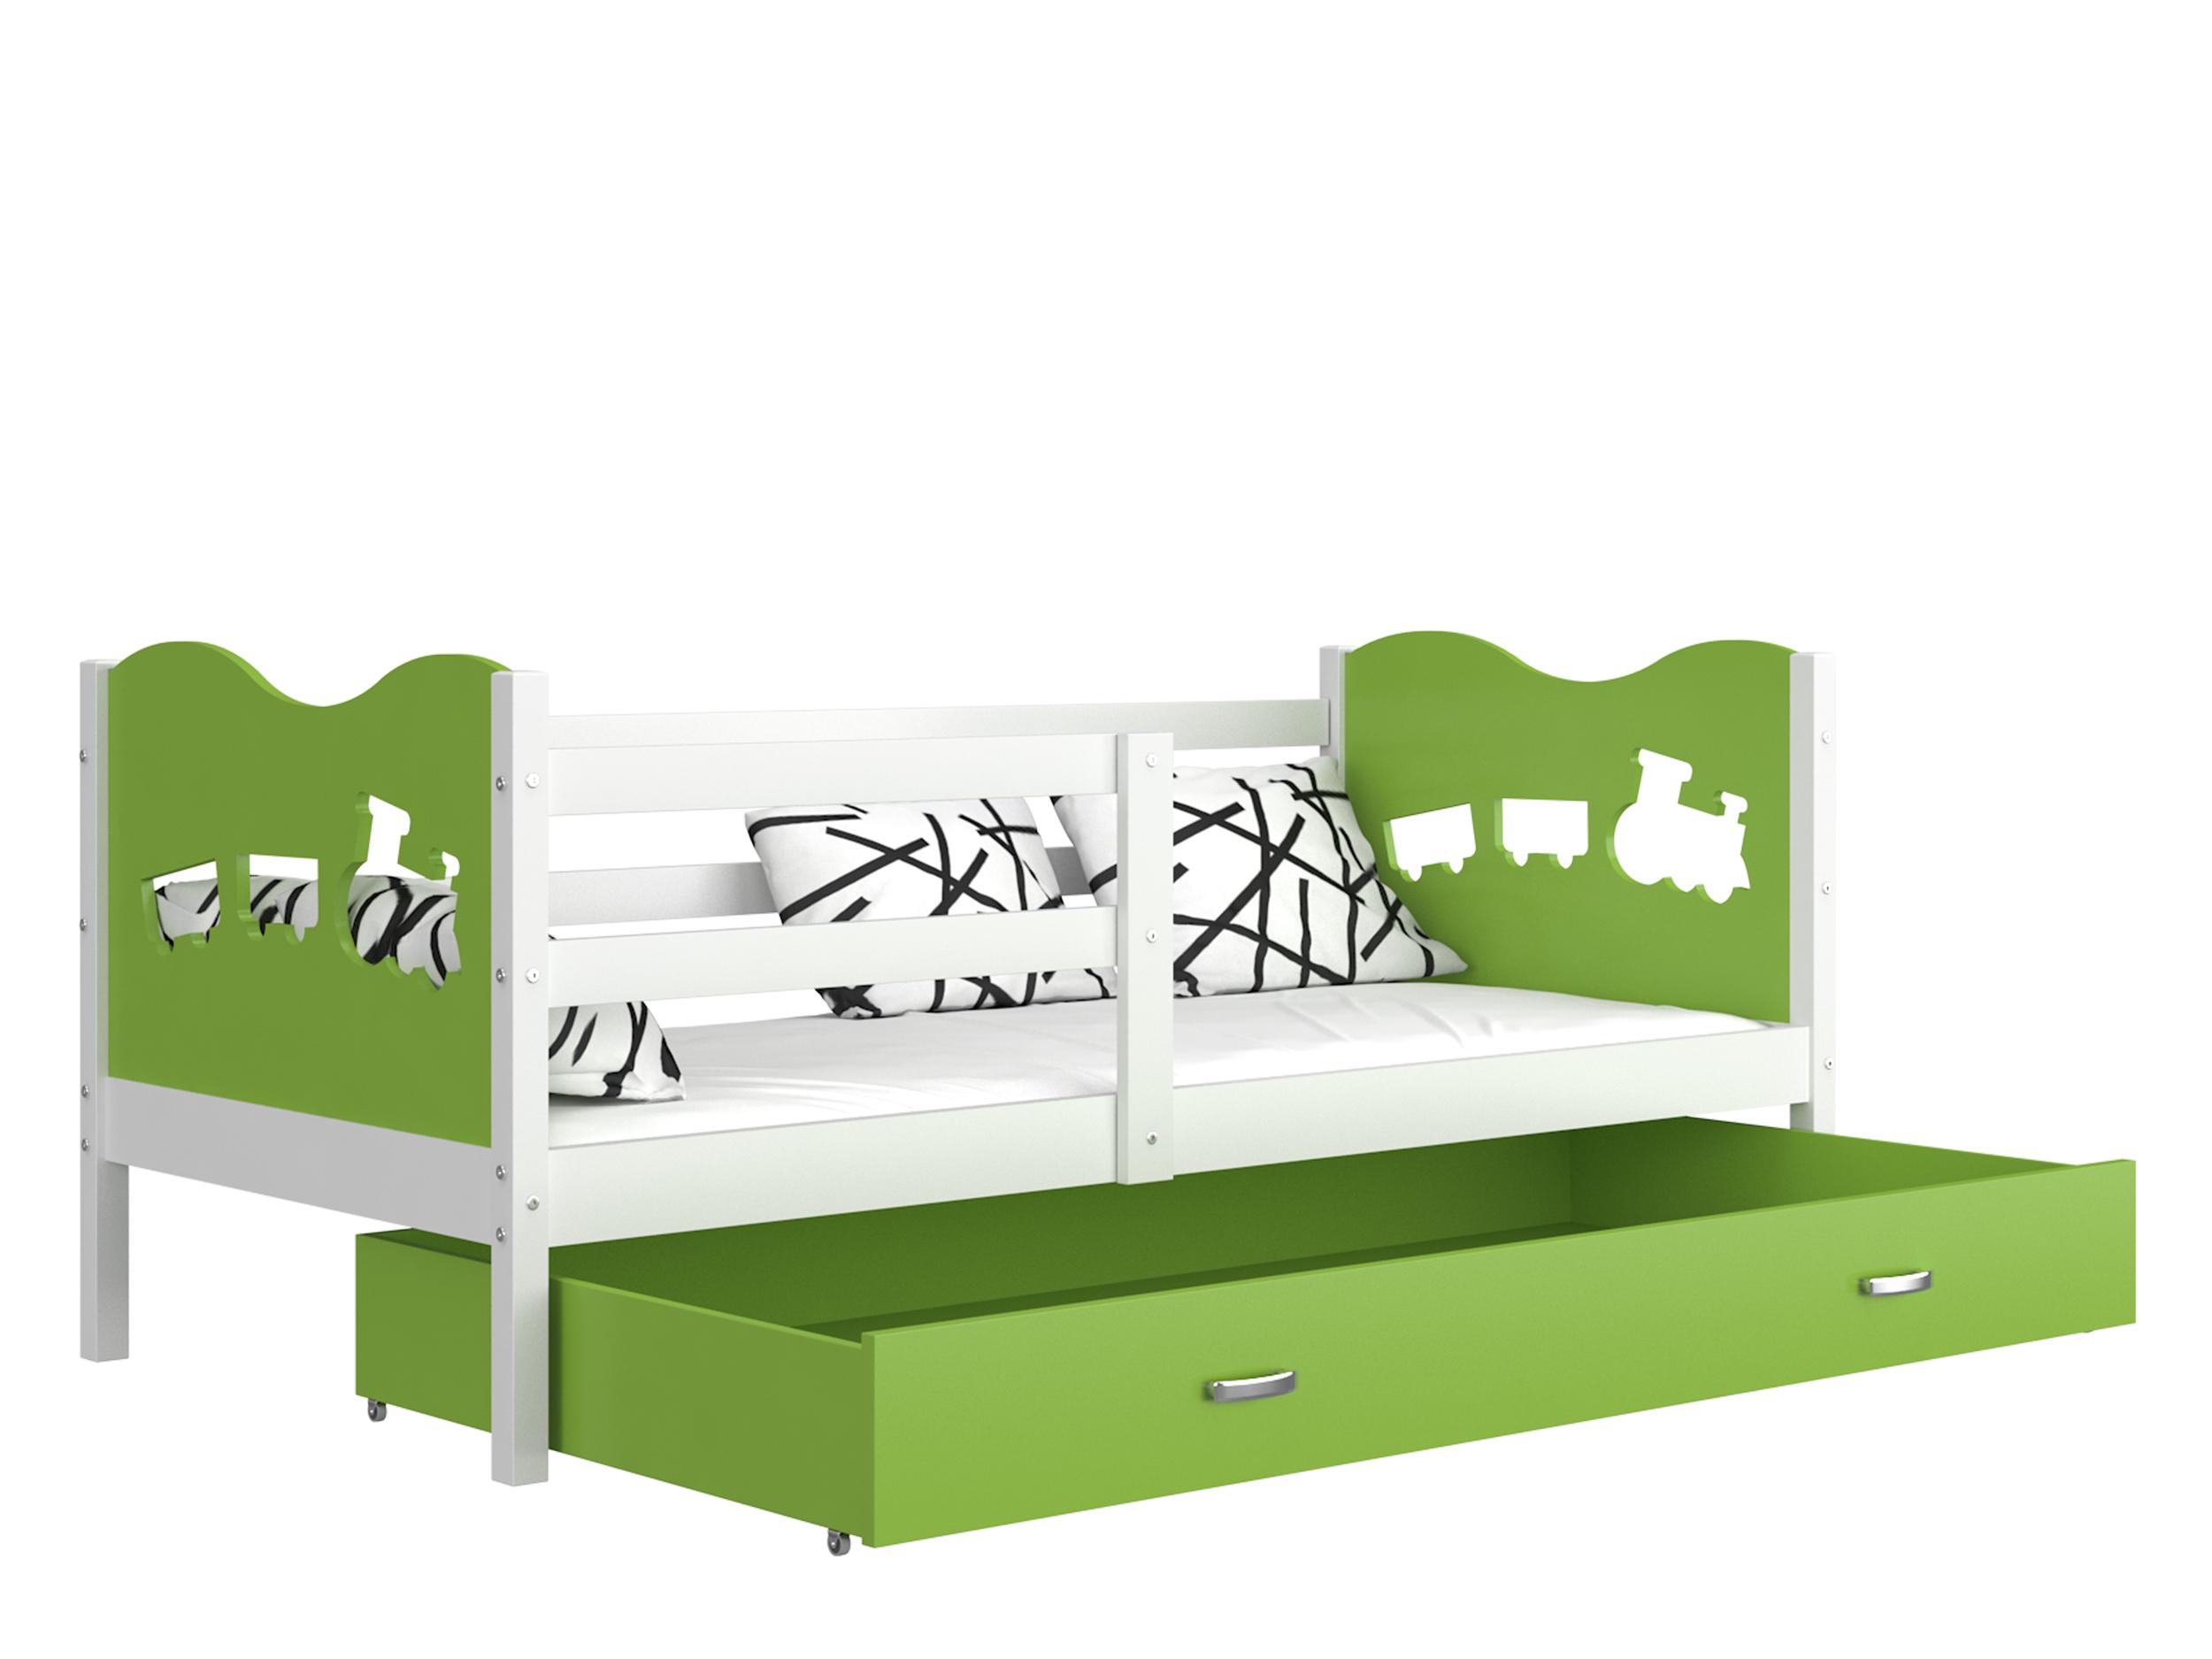 ArtAJ Detská posteľ MAX P / MDF 200 x 90 cm Farba: biela / zelená 200 x 90 cm, Prevedenie: bez matraca